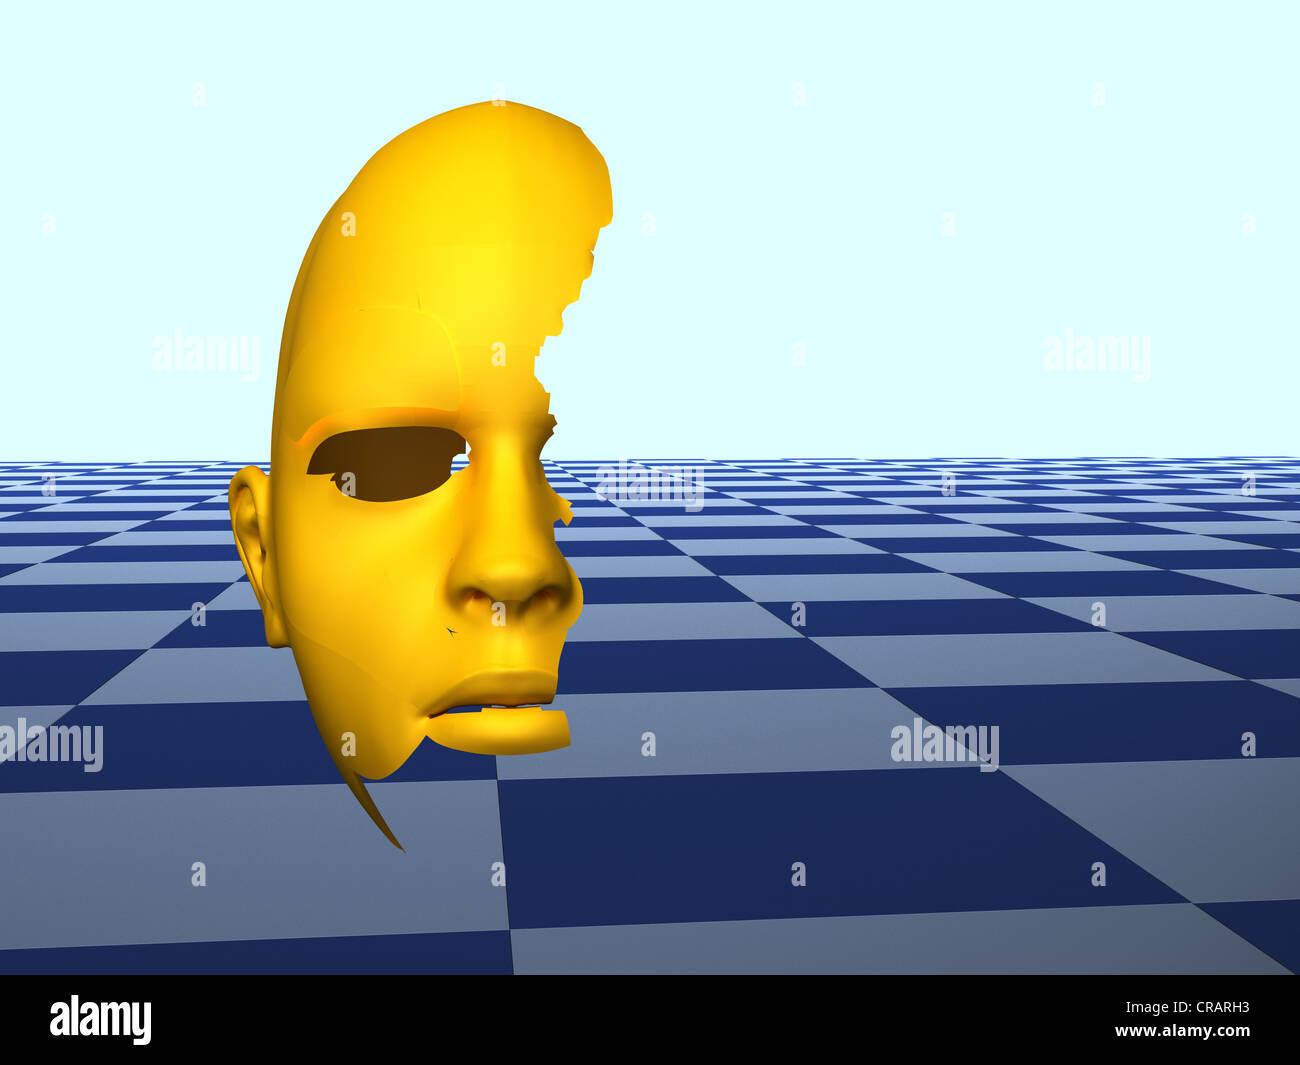 Kopf, abstrakten, symbolischen Bild für die Alzheimer Krankheit Stockfoto